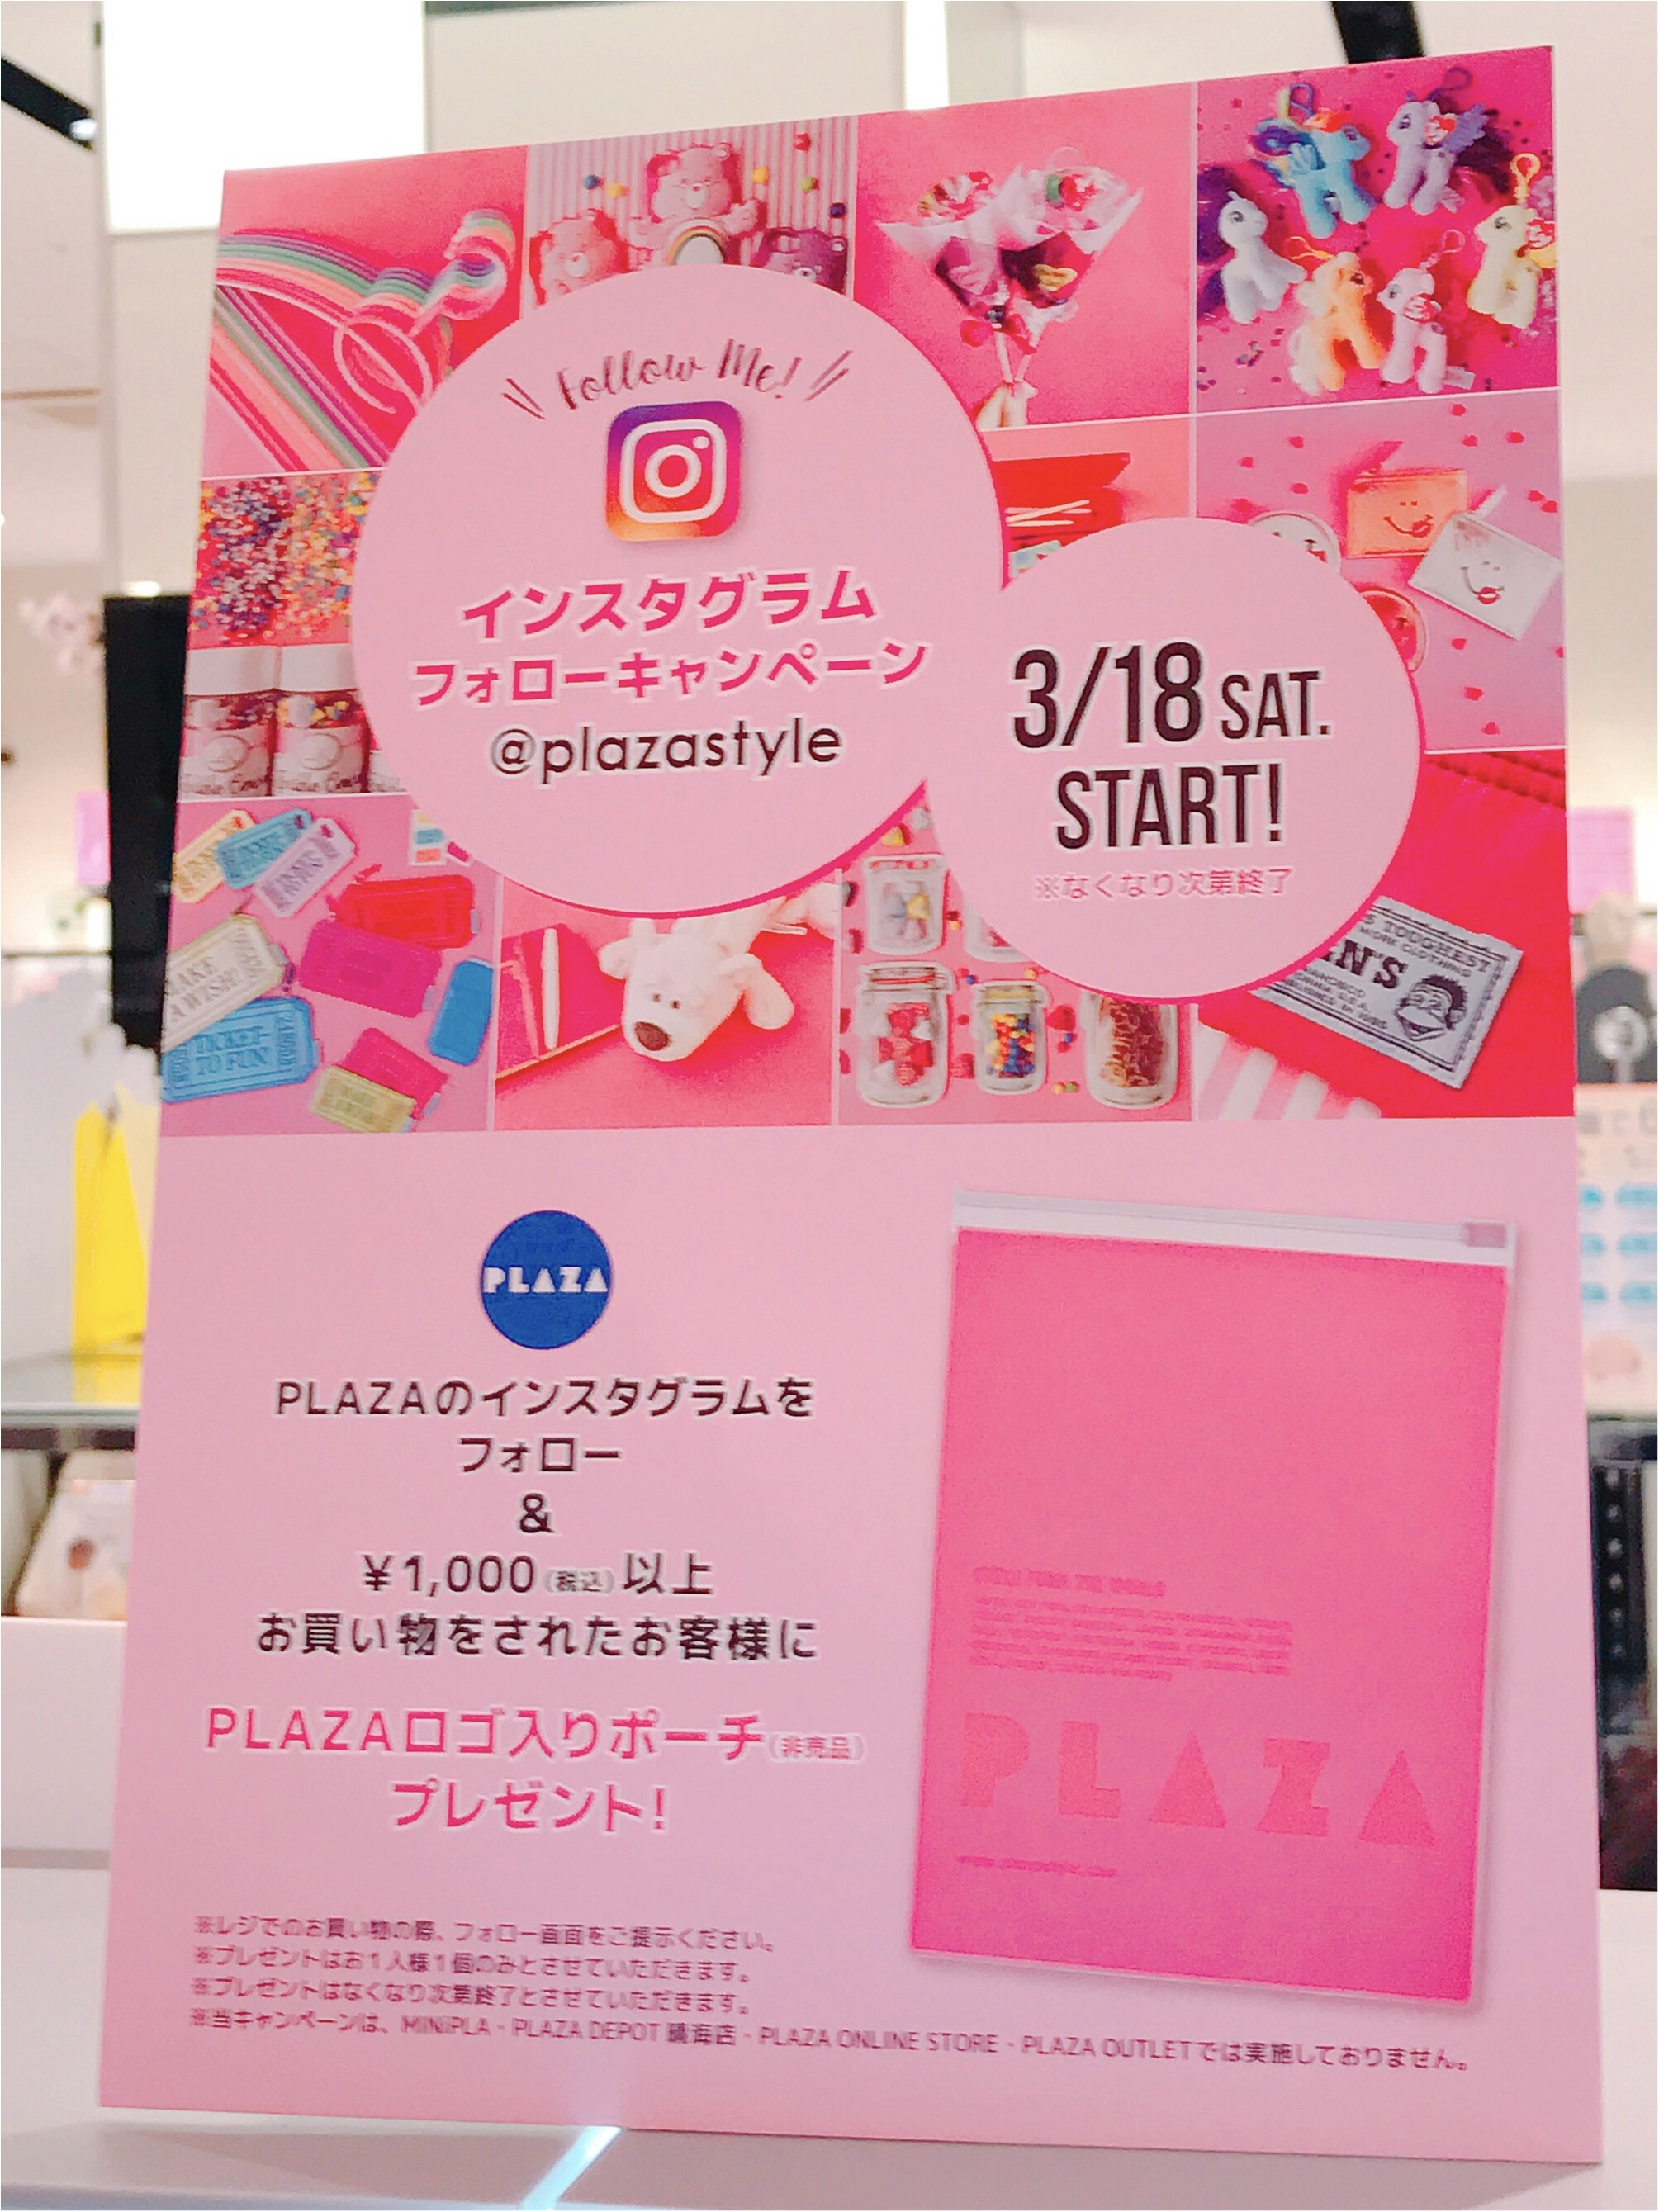 《JUST PINK IT!》この春は『ピンク』に囲まれたい♪【PLAZA】のピンク特集で限定の〇〇〇をGET♡_6